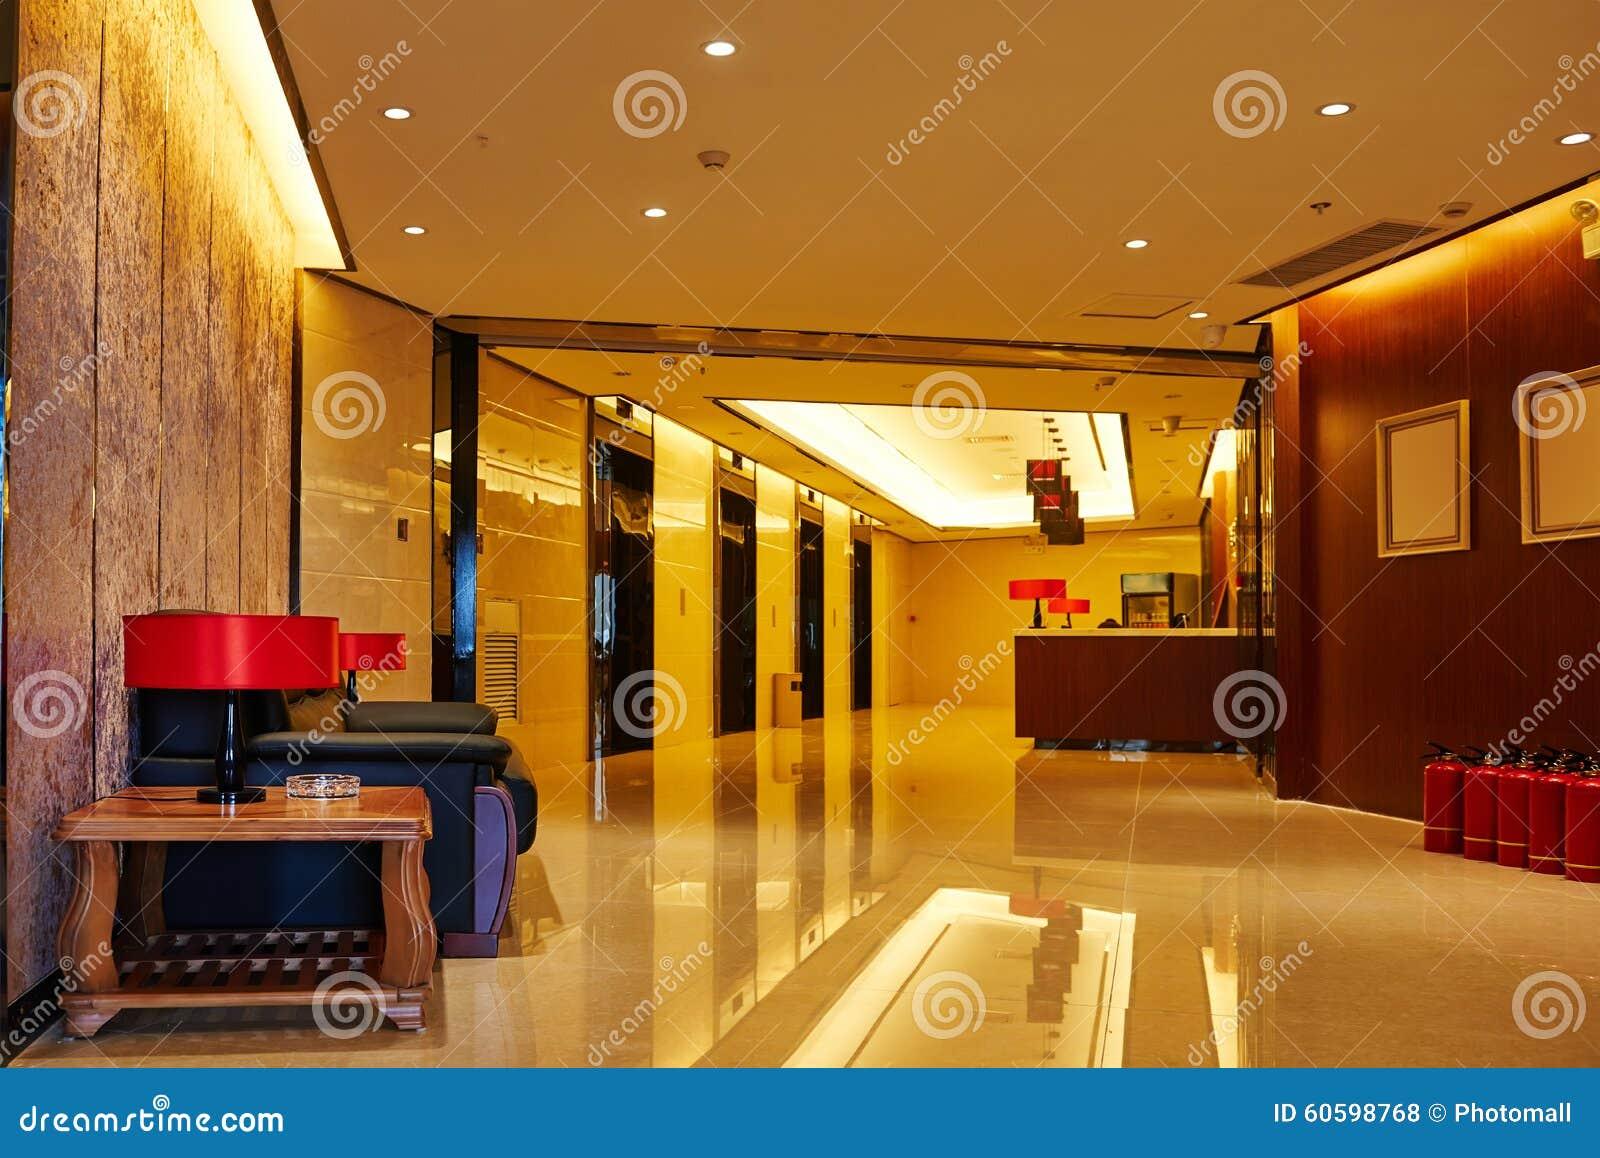 Hotel Lobby Stock Photo Image 60598768